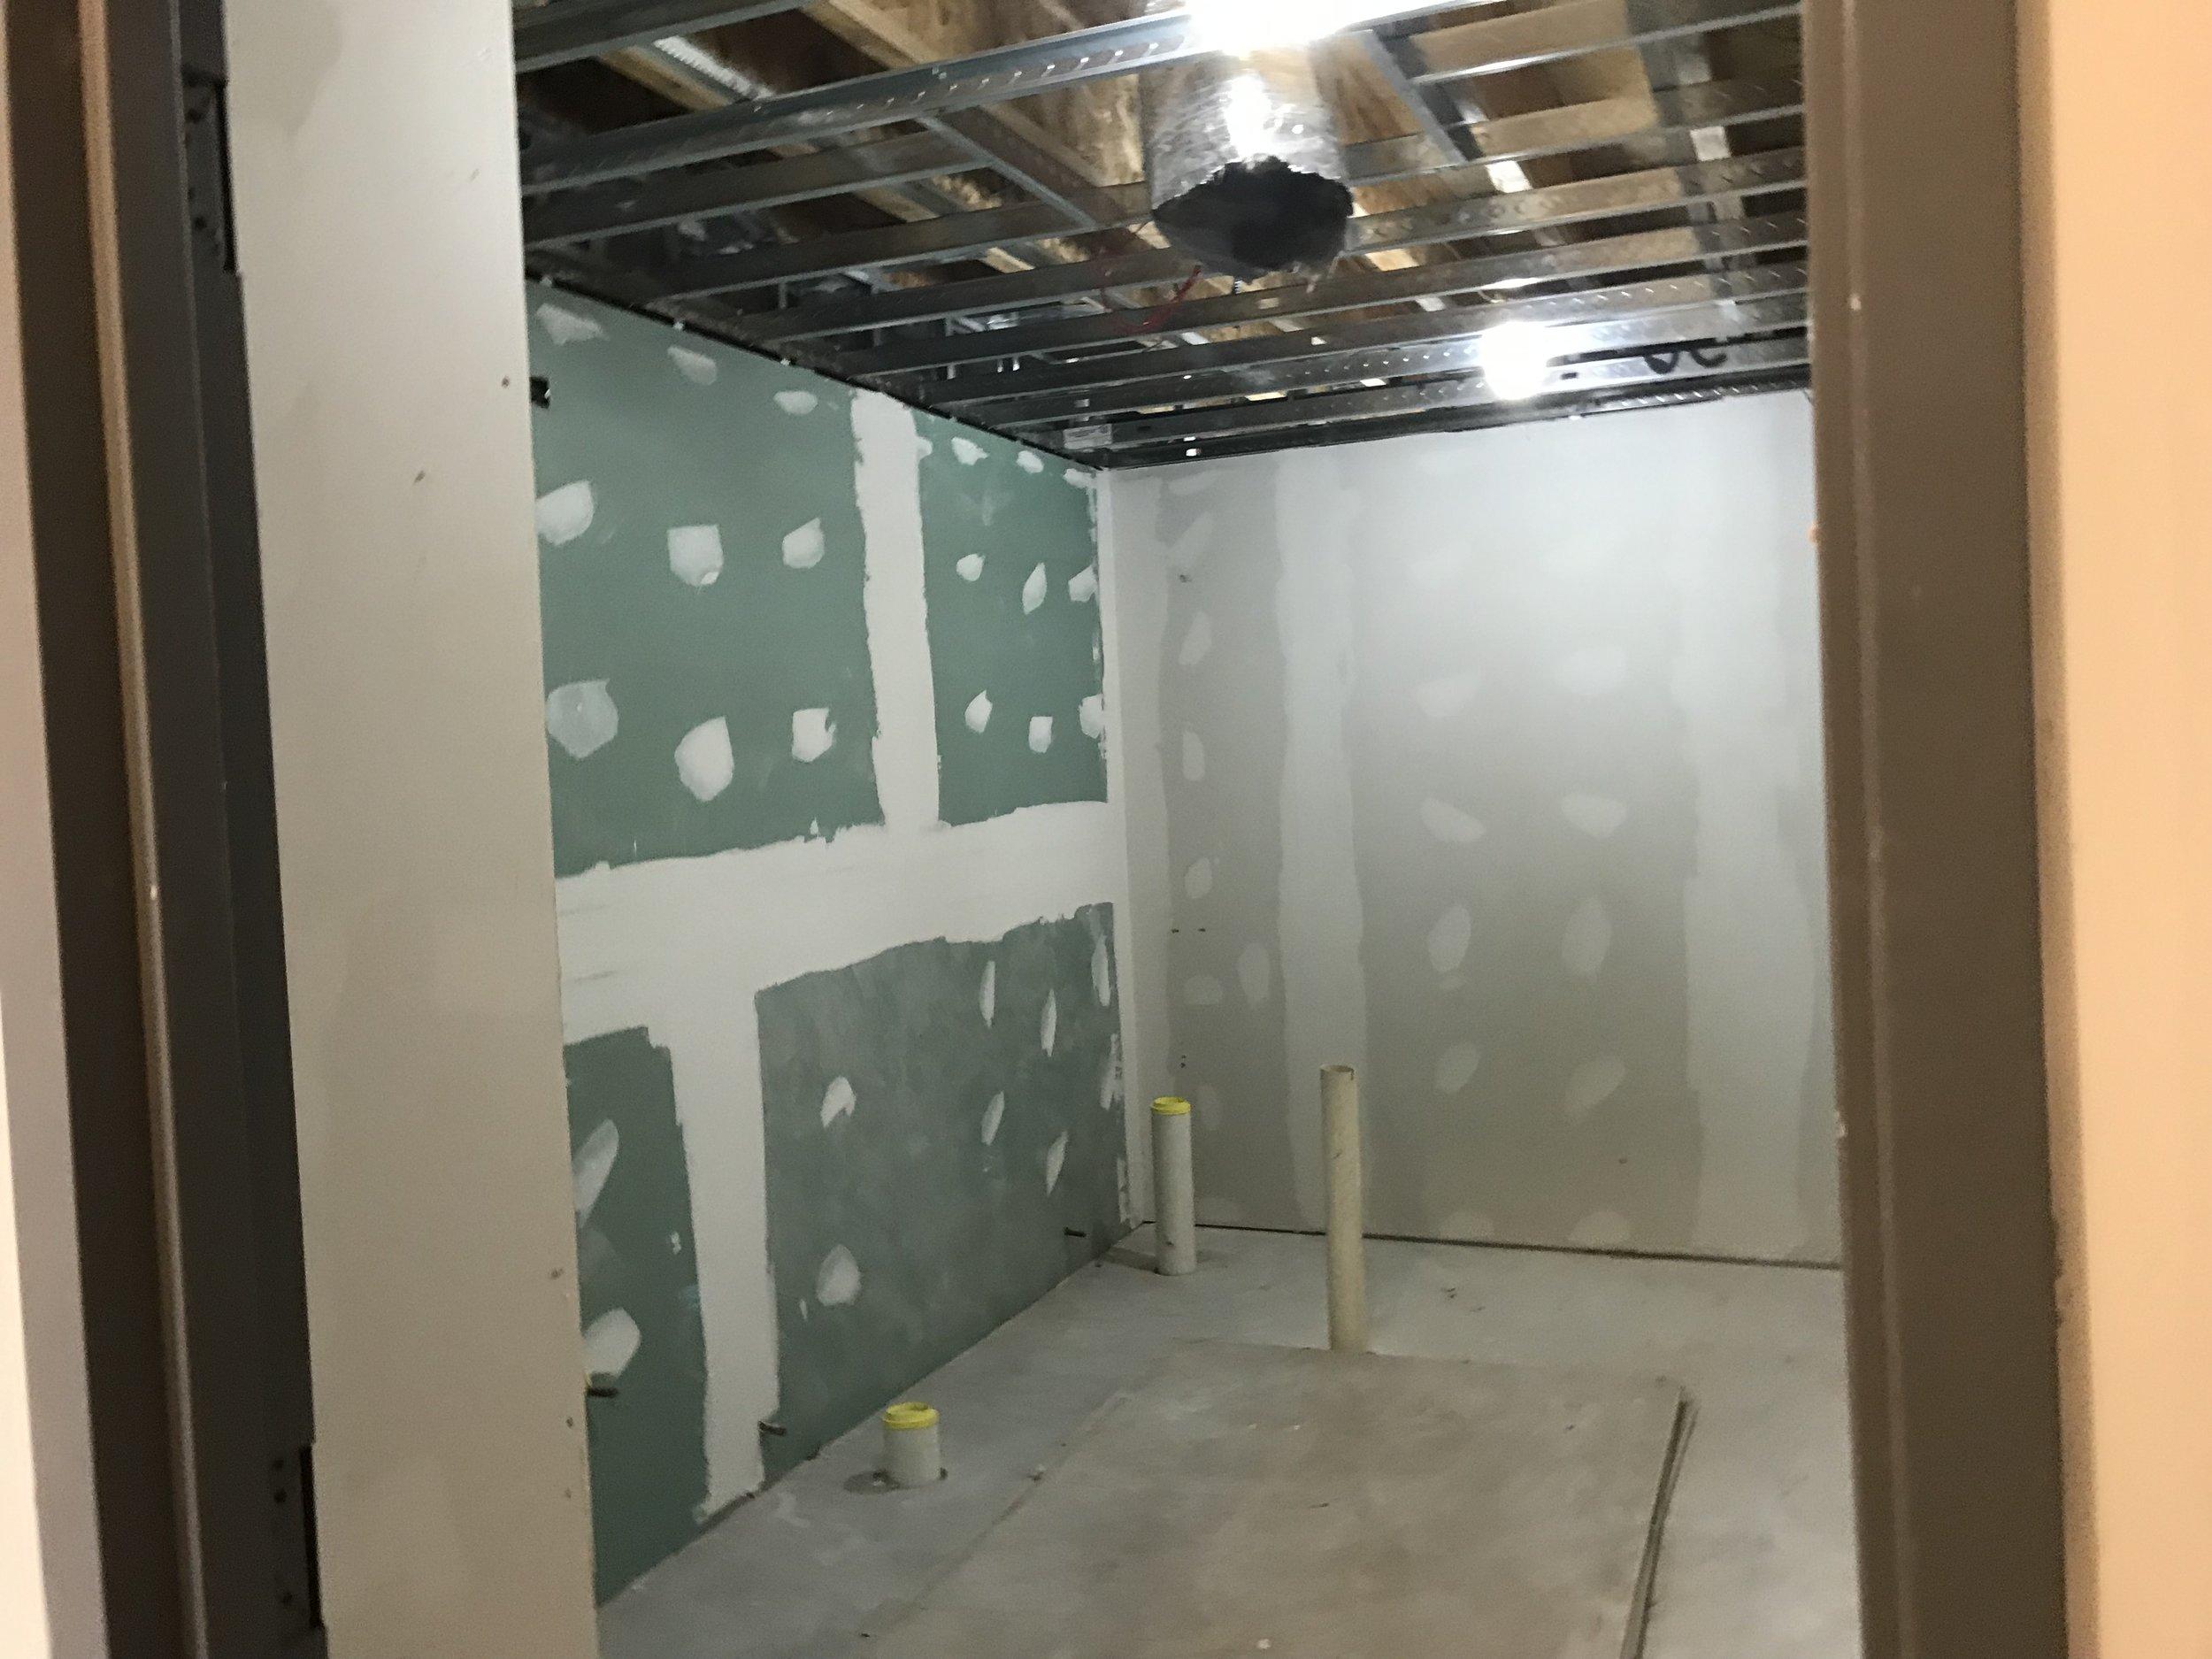 Upstairs bathroom!